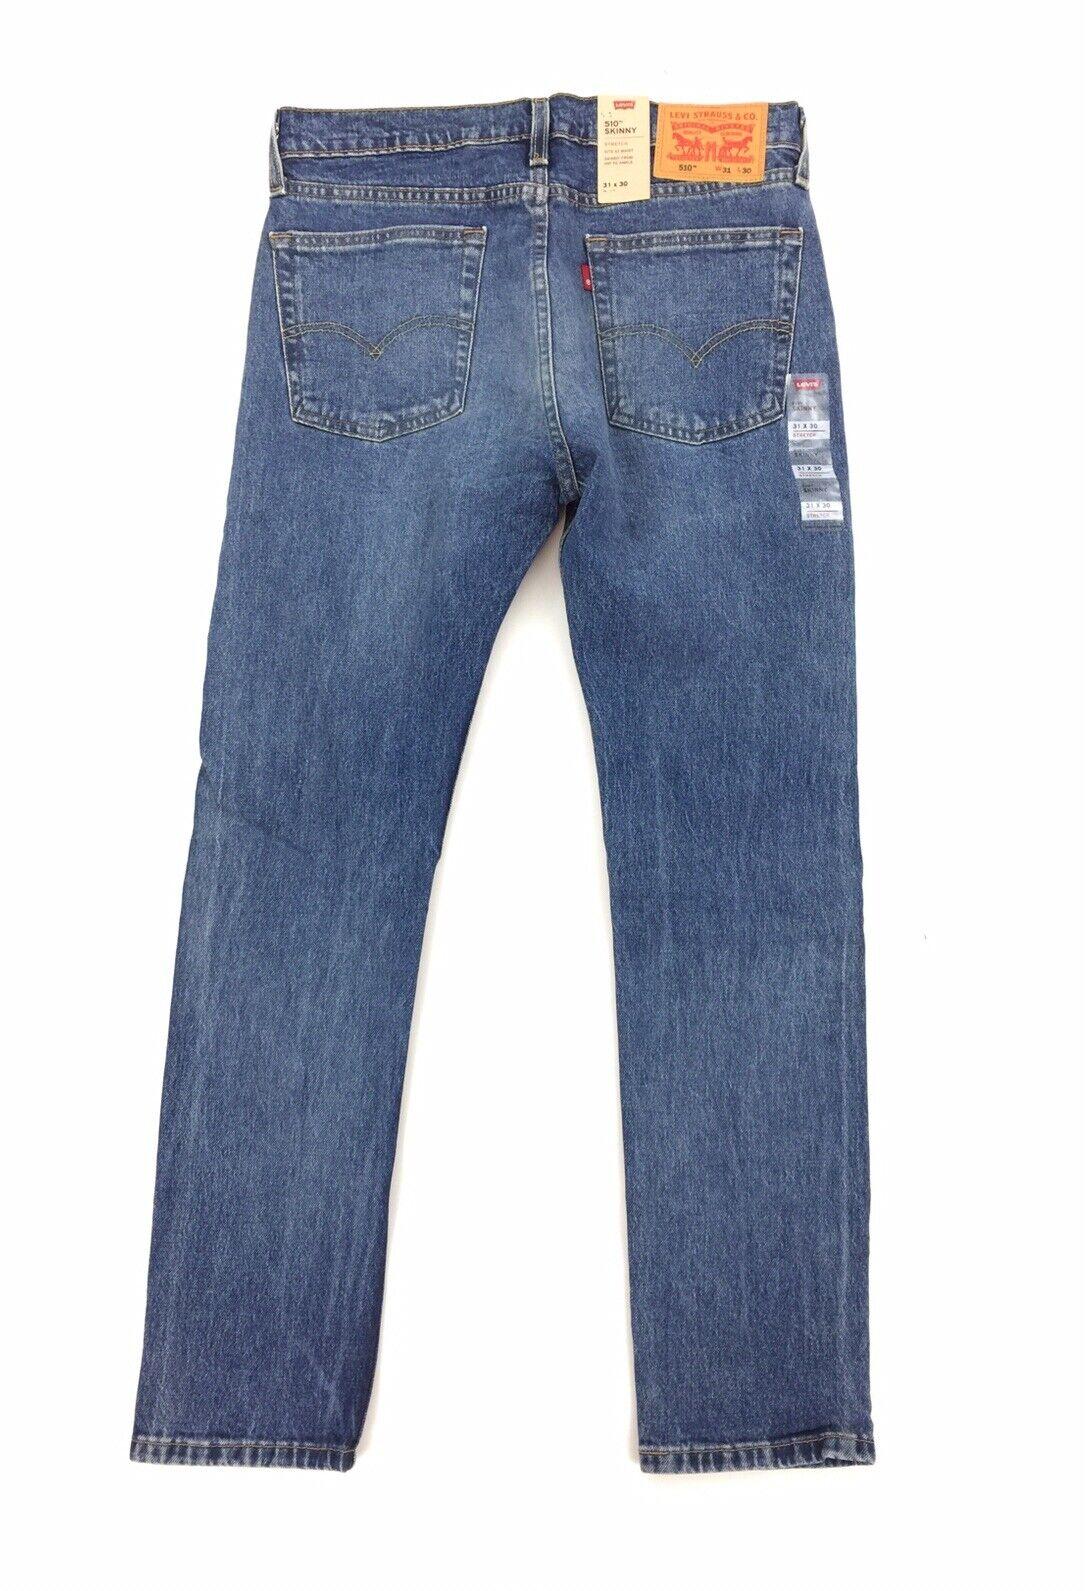 Details about  /Levis mens 510 super skinny green black blue jeans 30x30 32x28 32x30 32x32 show original title